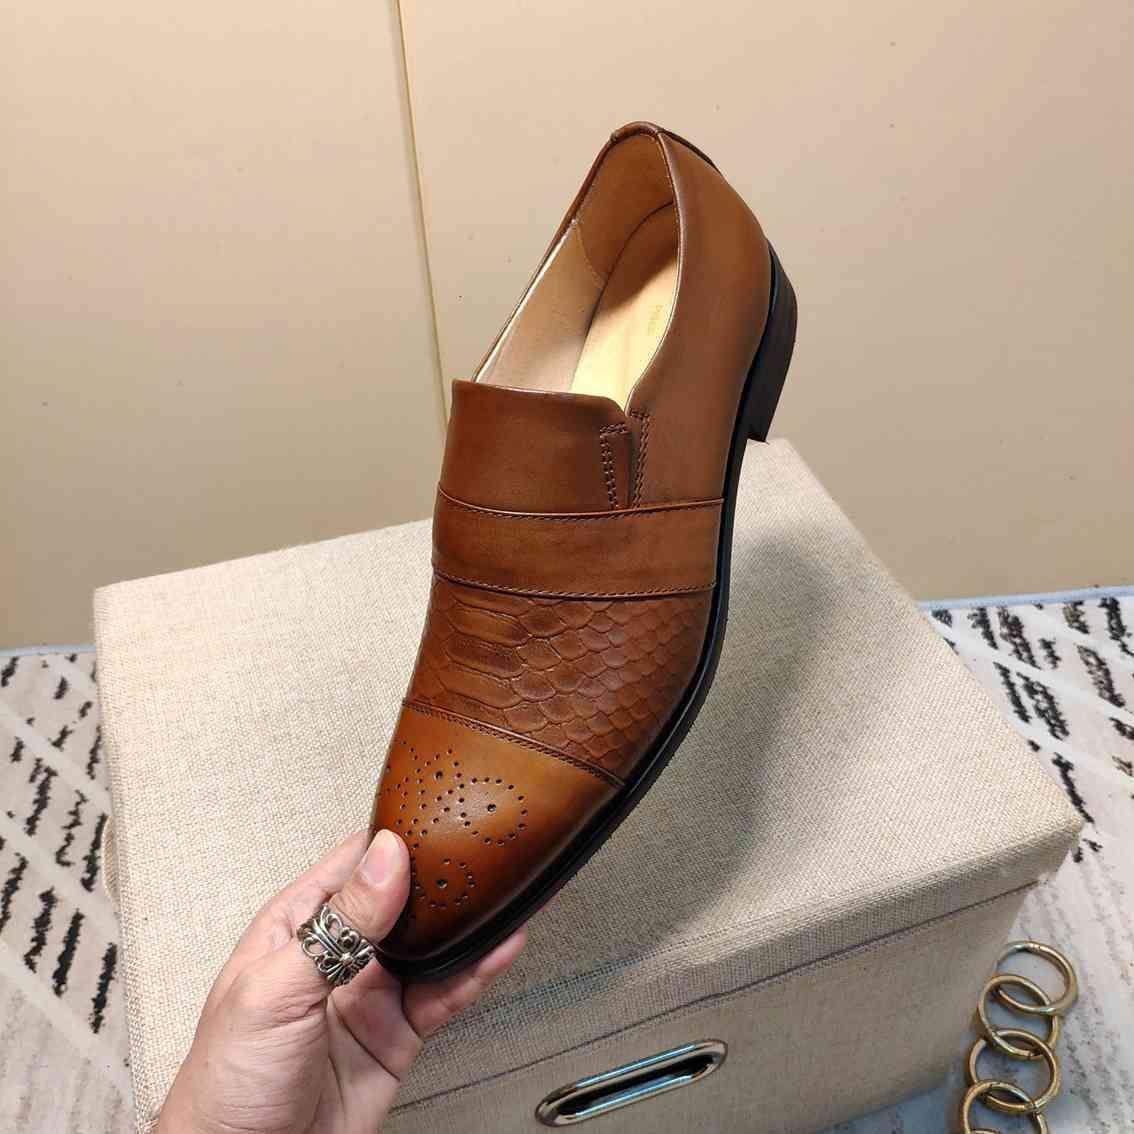 Chaussures en cuir de mariage formel respirante hommes FASHION Nouveau semelle plate de style chaussures